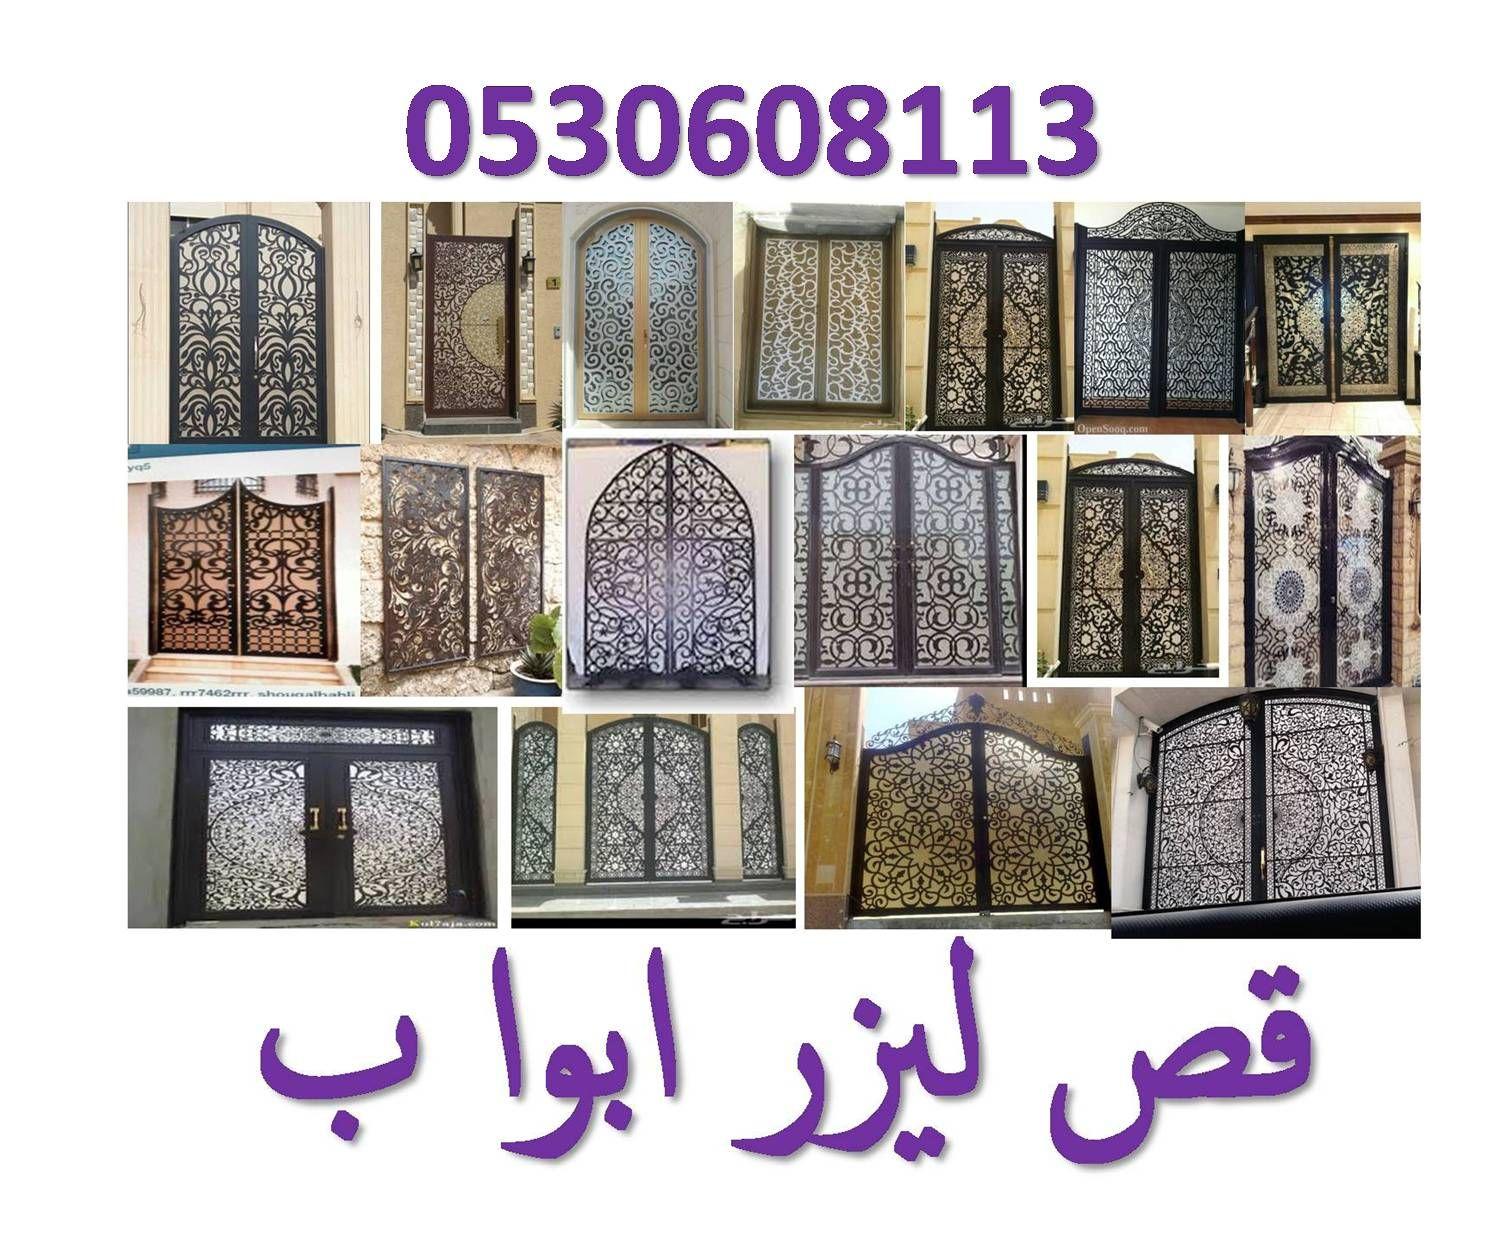 ابواب بوابات ليزر قص ليزر حديد 0530608113 Iron Decor Beautiful Doors Metal Table